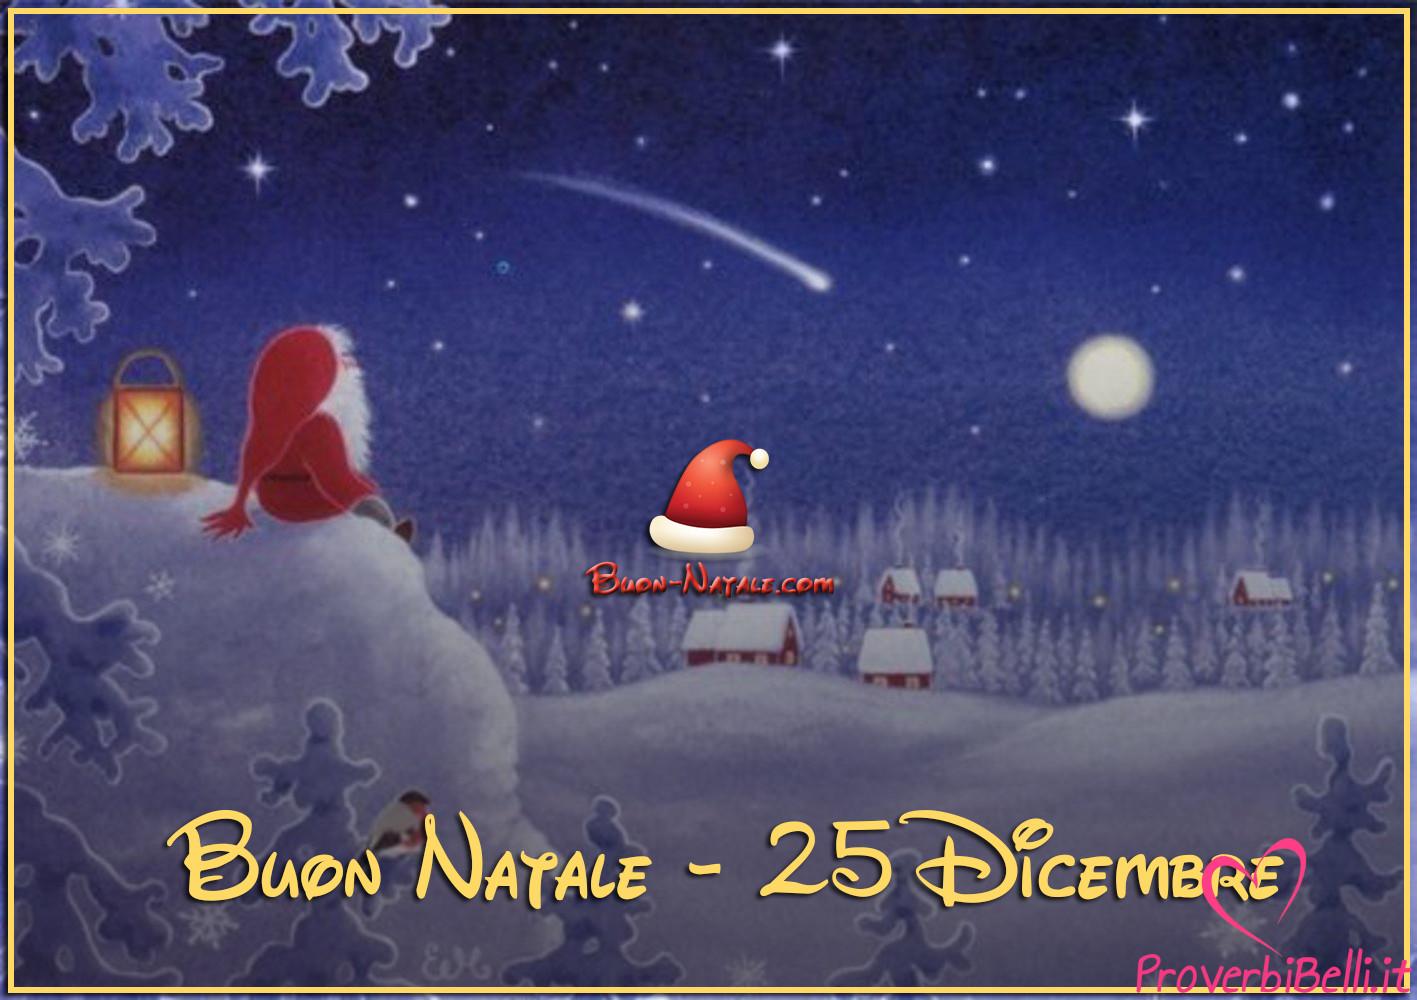 Immagini per Facebook di Buon Natale